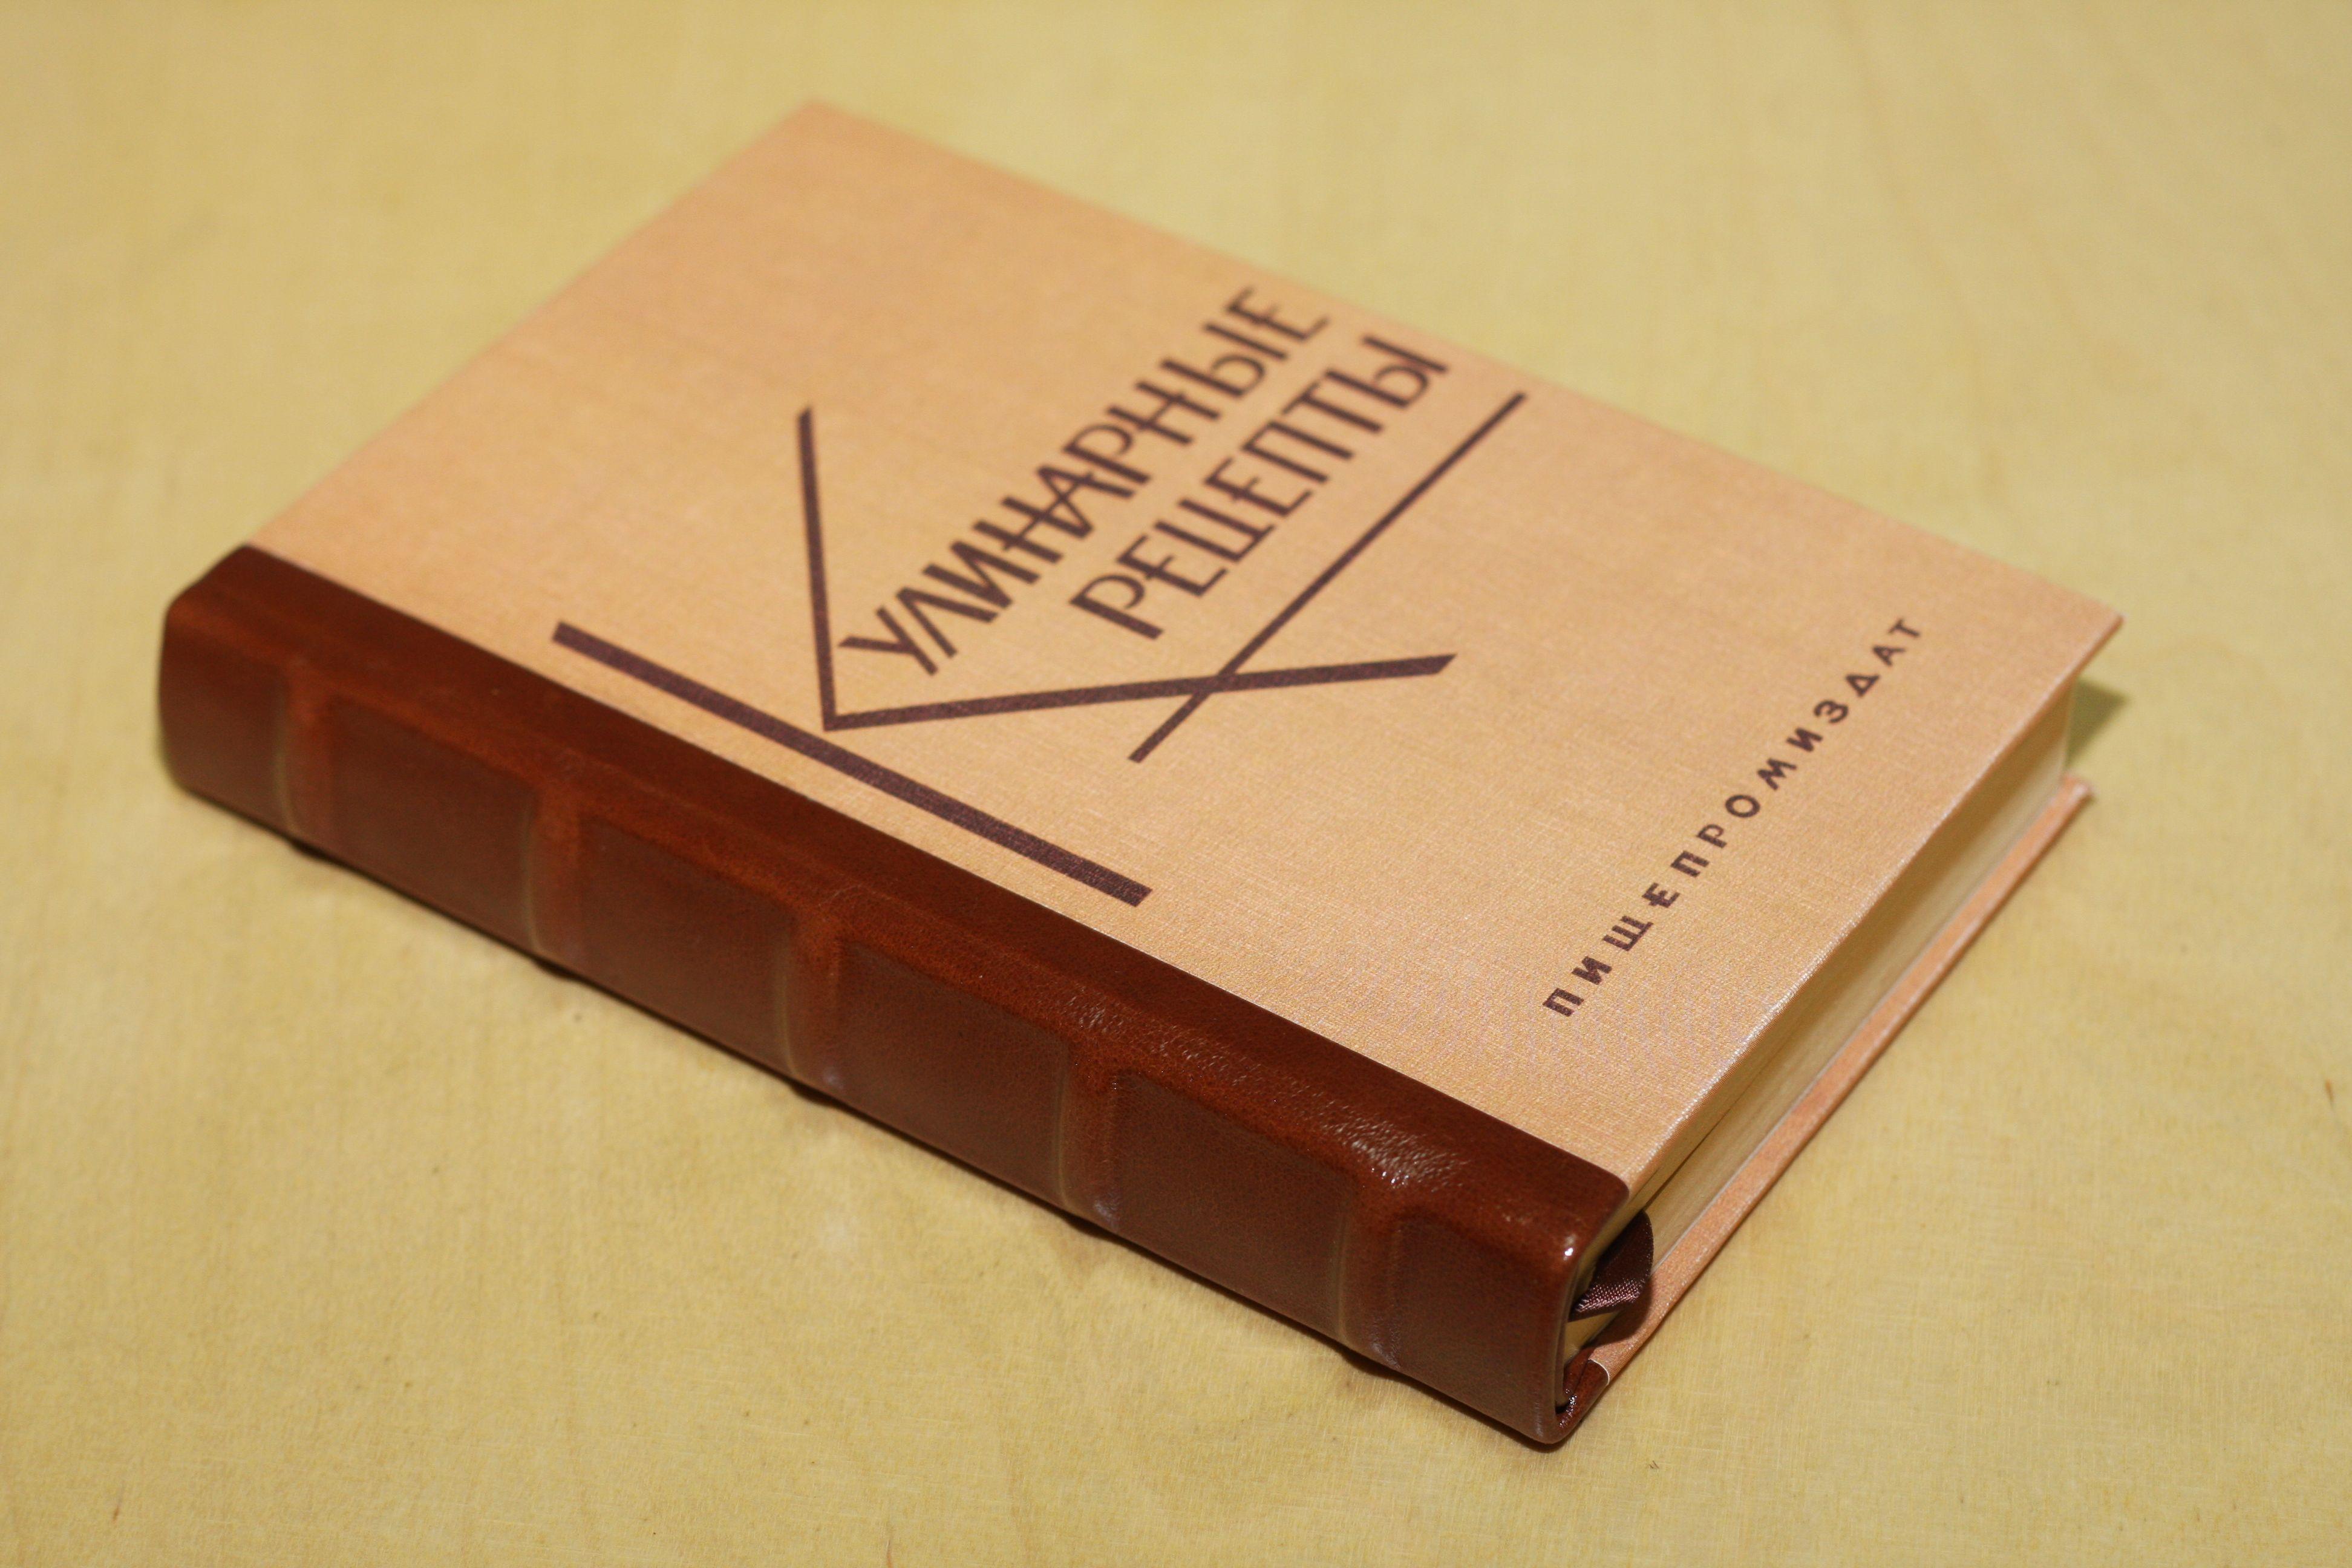 Ремонт кулинарной книги фото